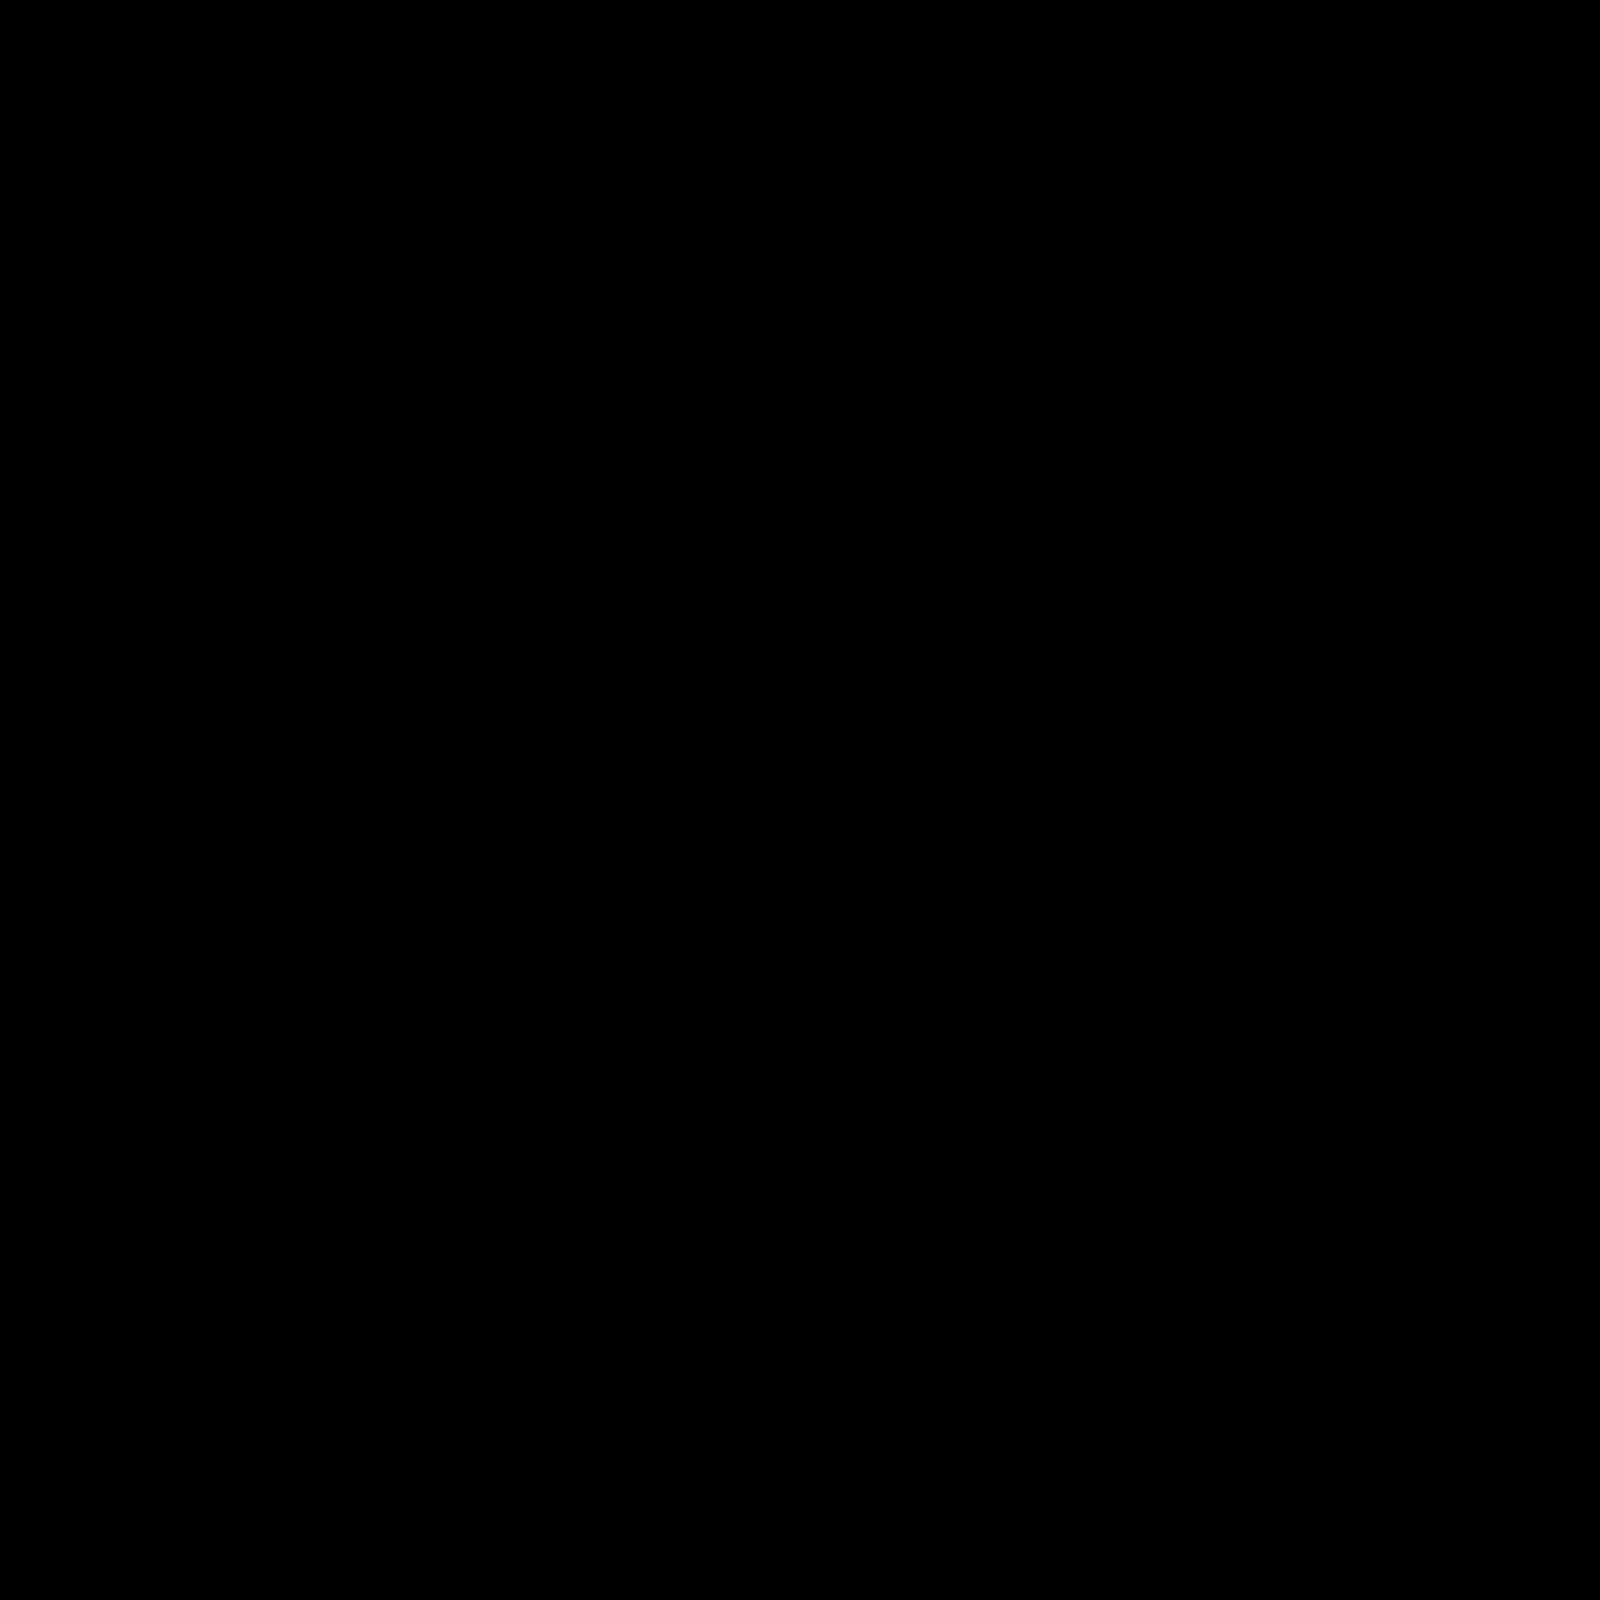 Edytuj link icon